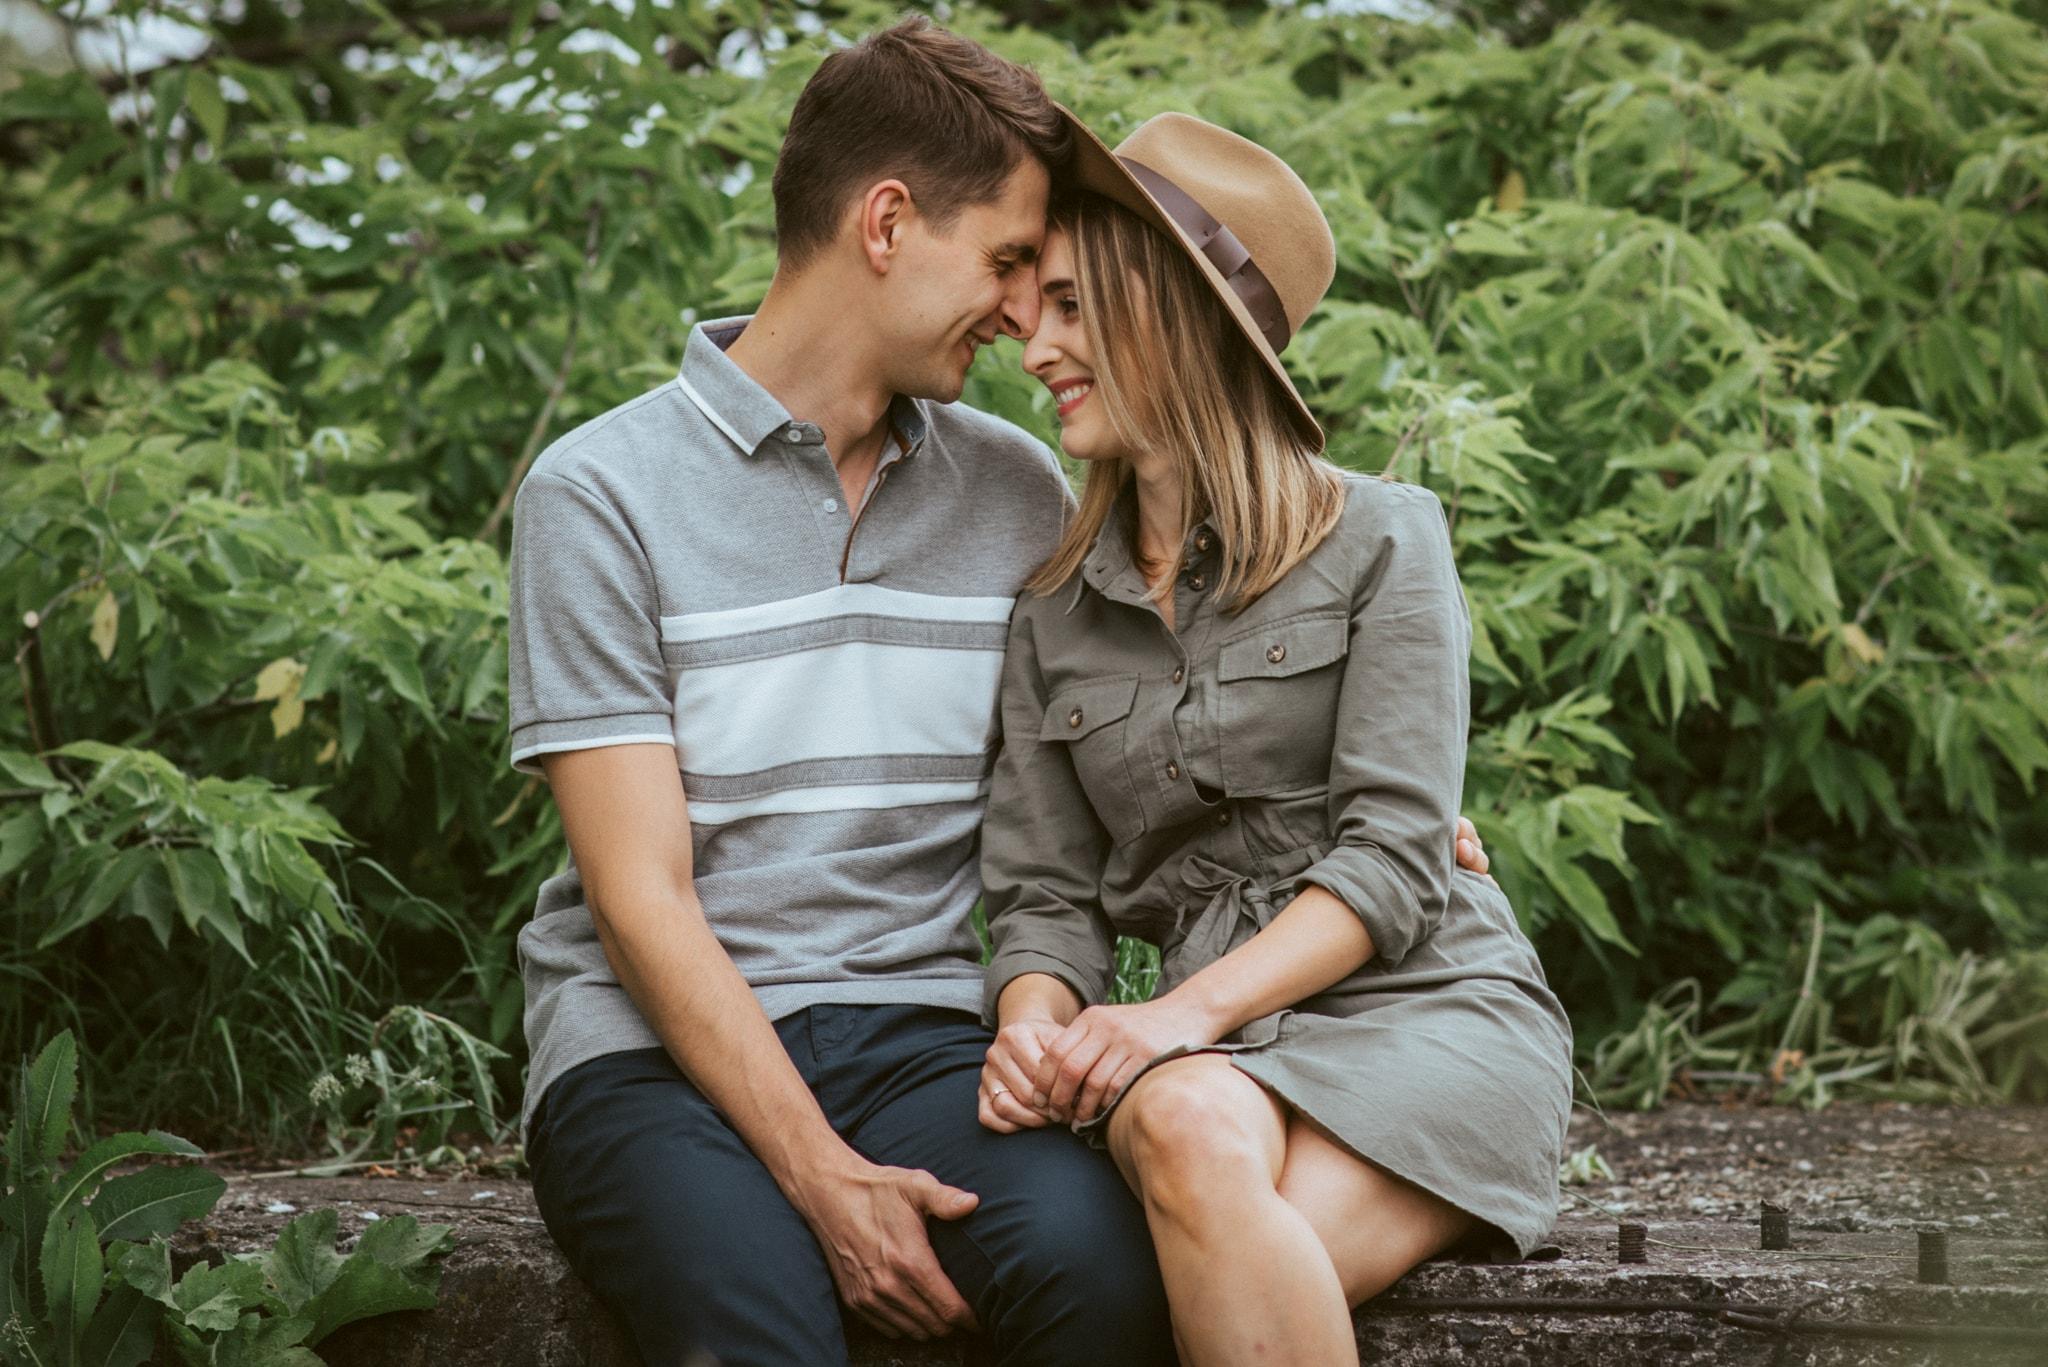 sukienka khaki i brazowy kapelusz